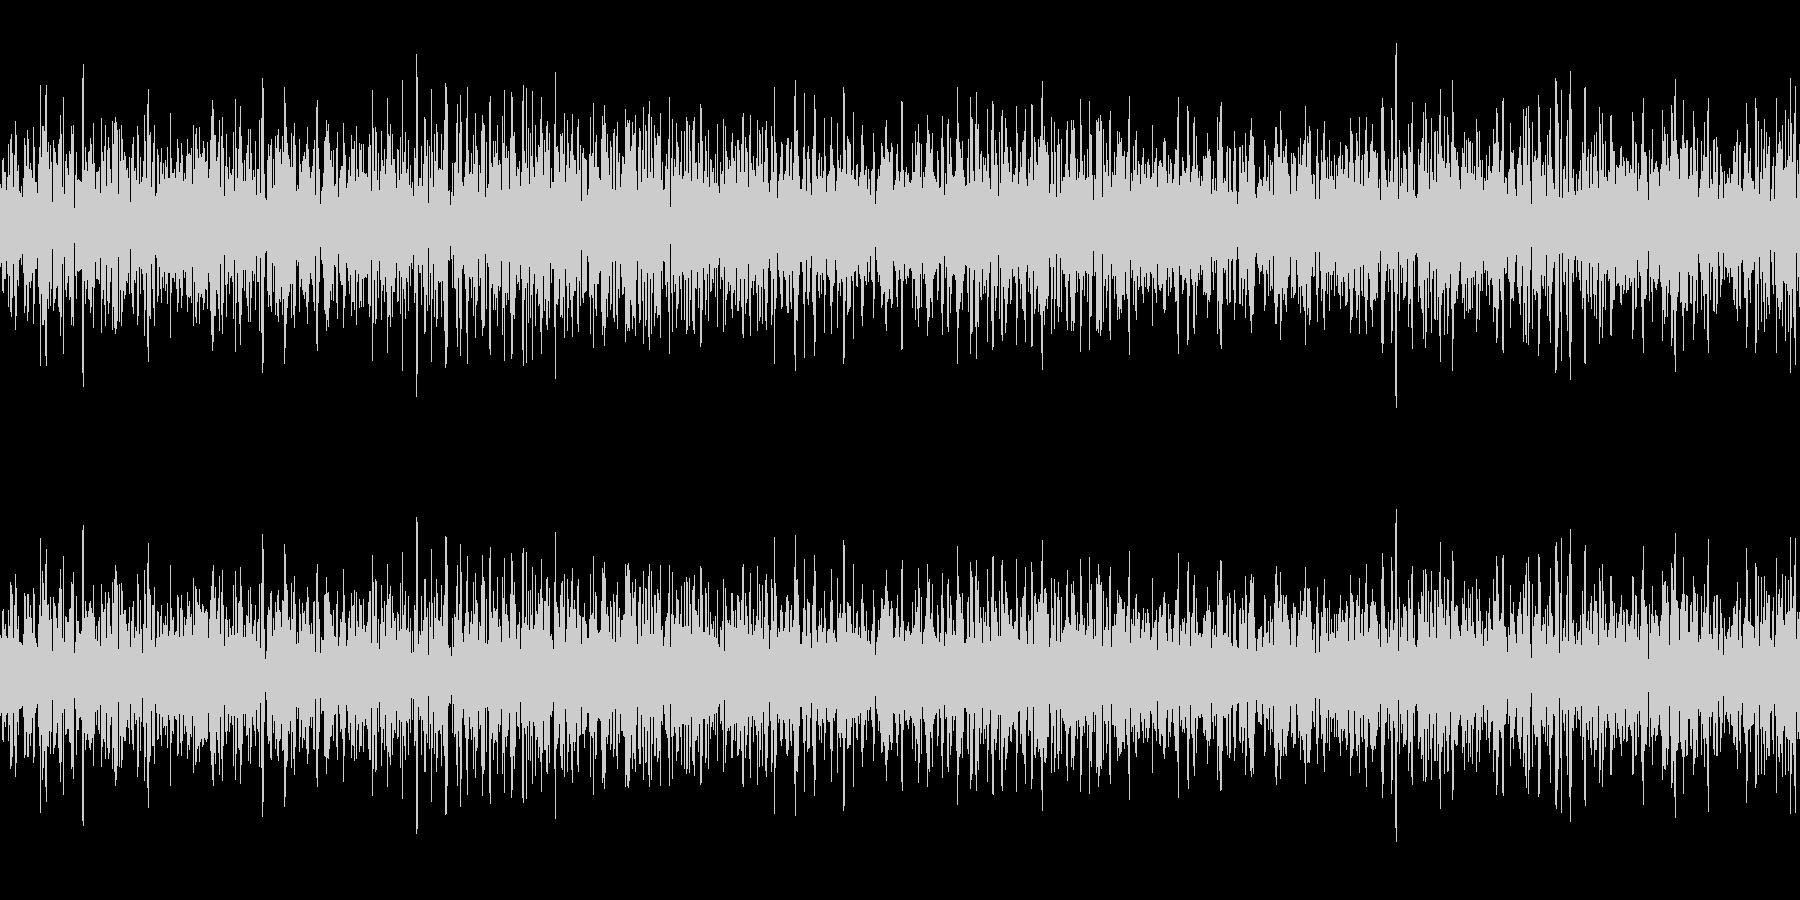 換気扇 ファンの回転音 ループ素材 ゴーの未再生の波形